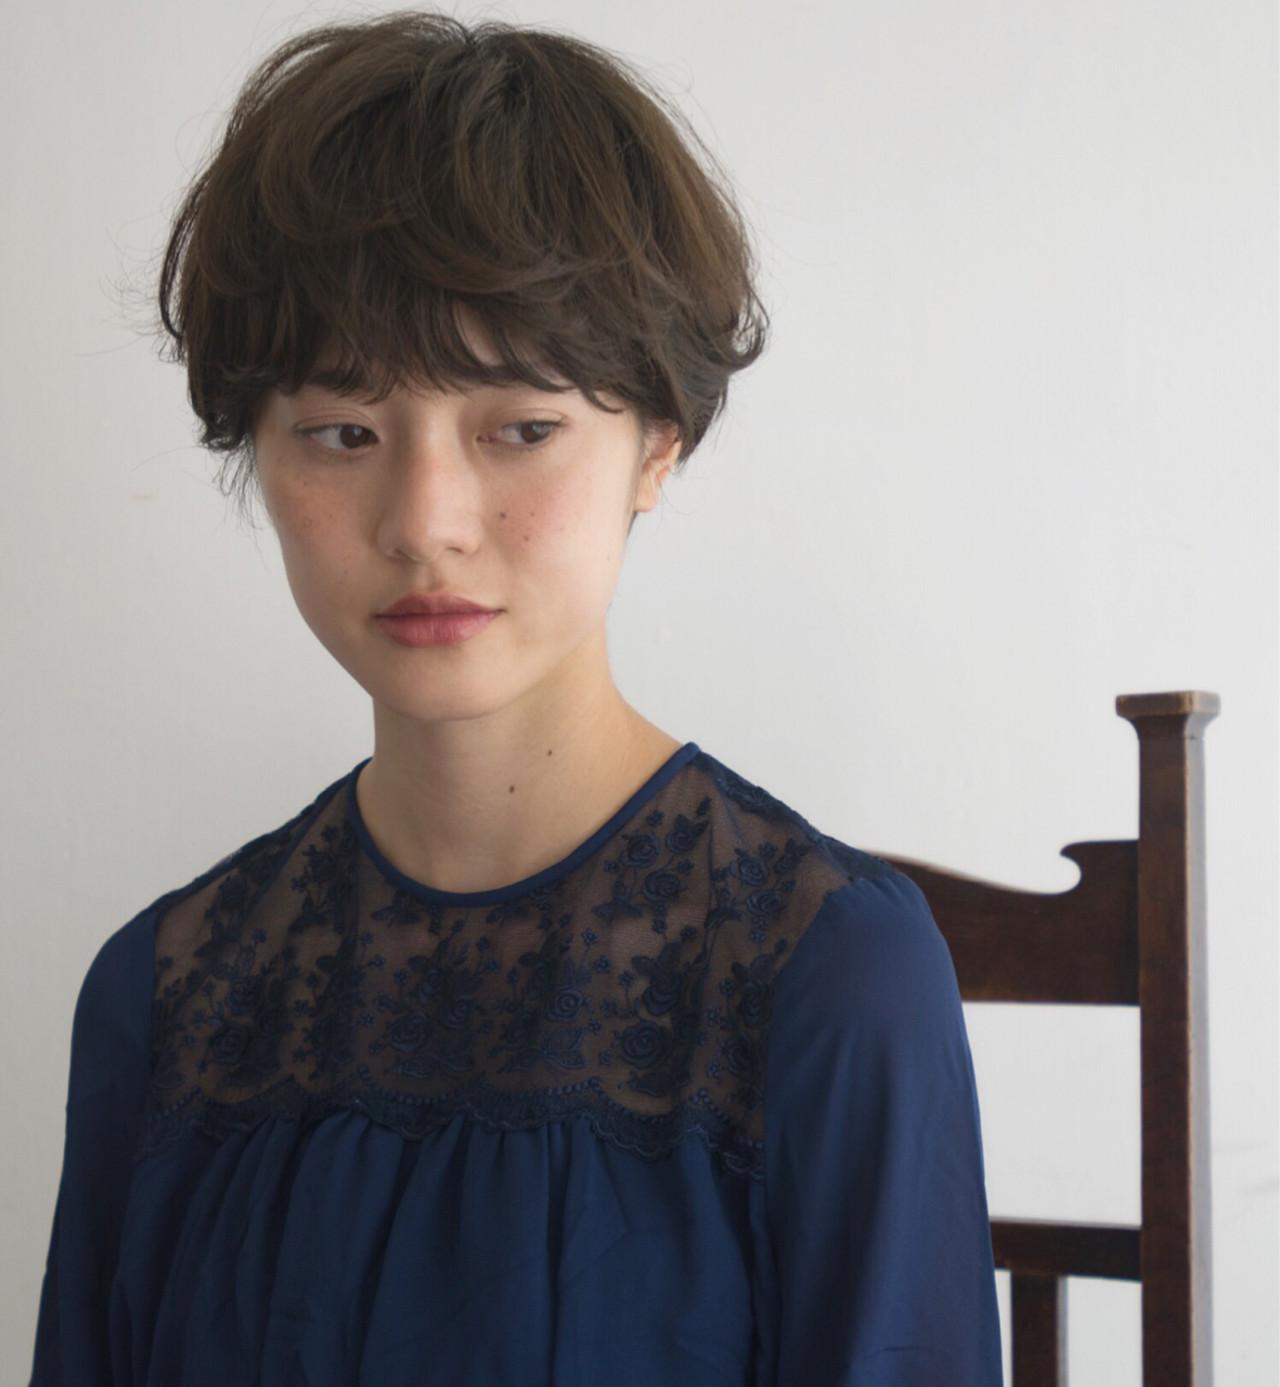 綺麗なカタチで魅了♡マッシュショート anti_RIKUSHI